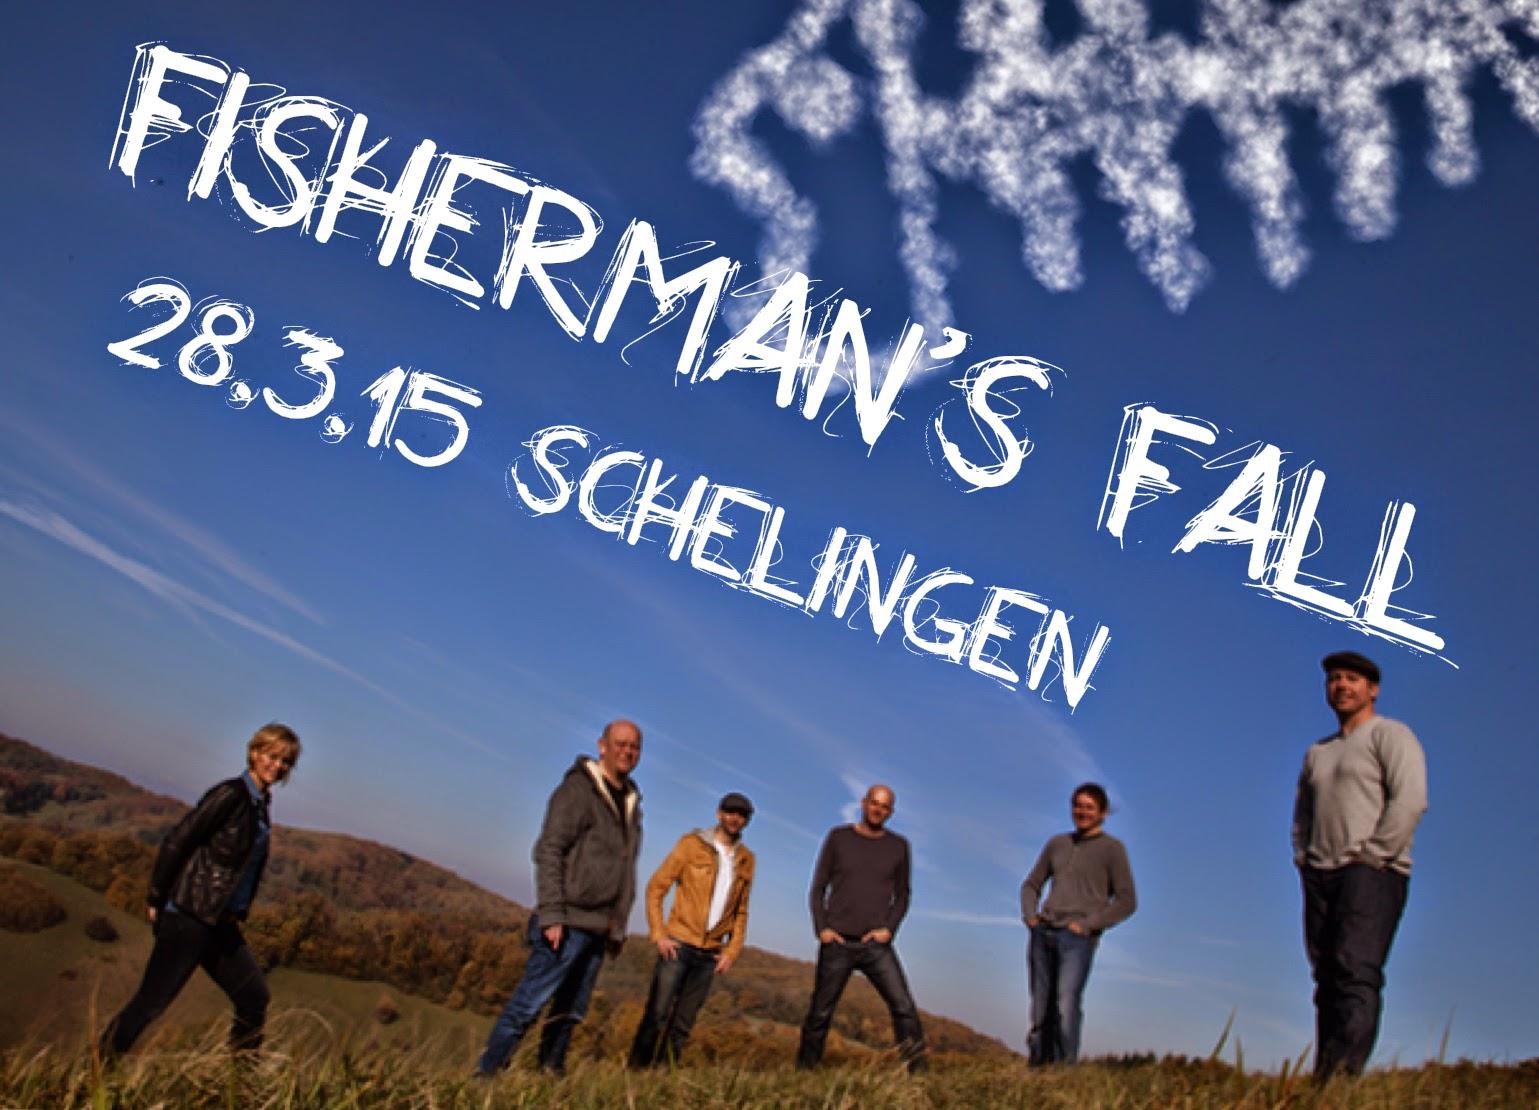 Frühjahrskonzert mit Fisherman's Fall in Schelingen im Kaiserstuhl